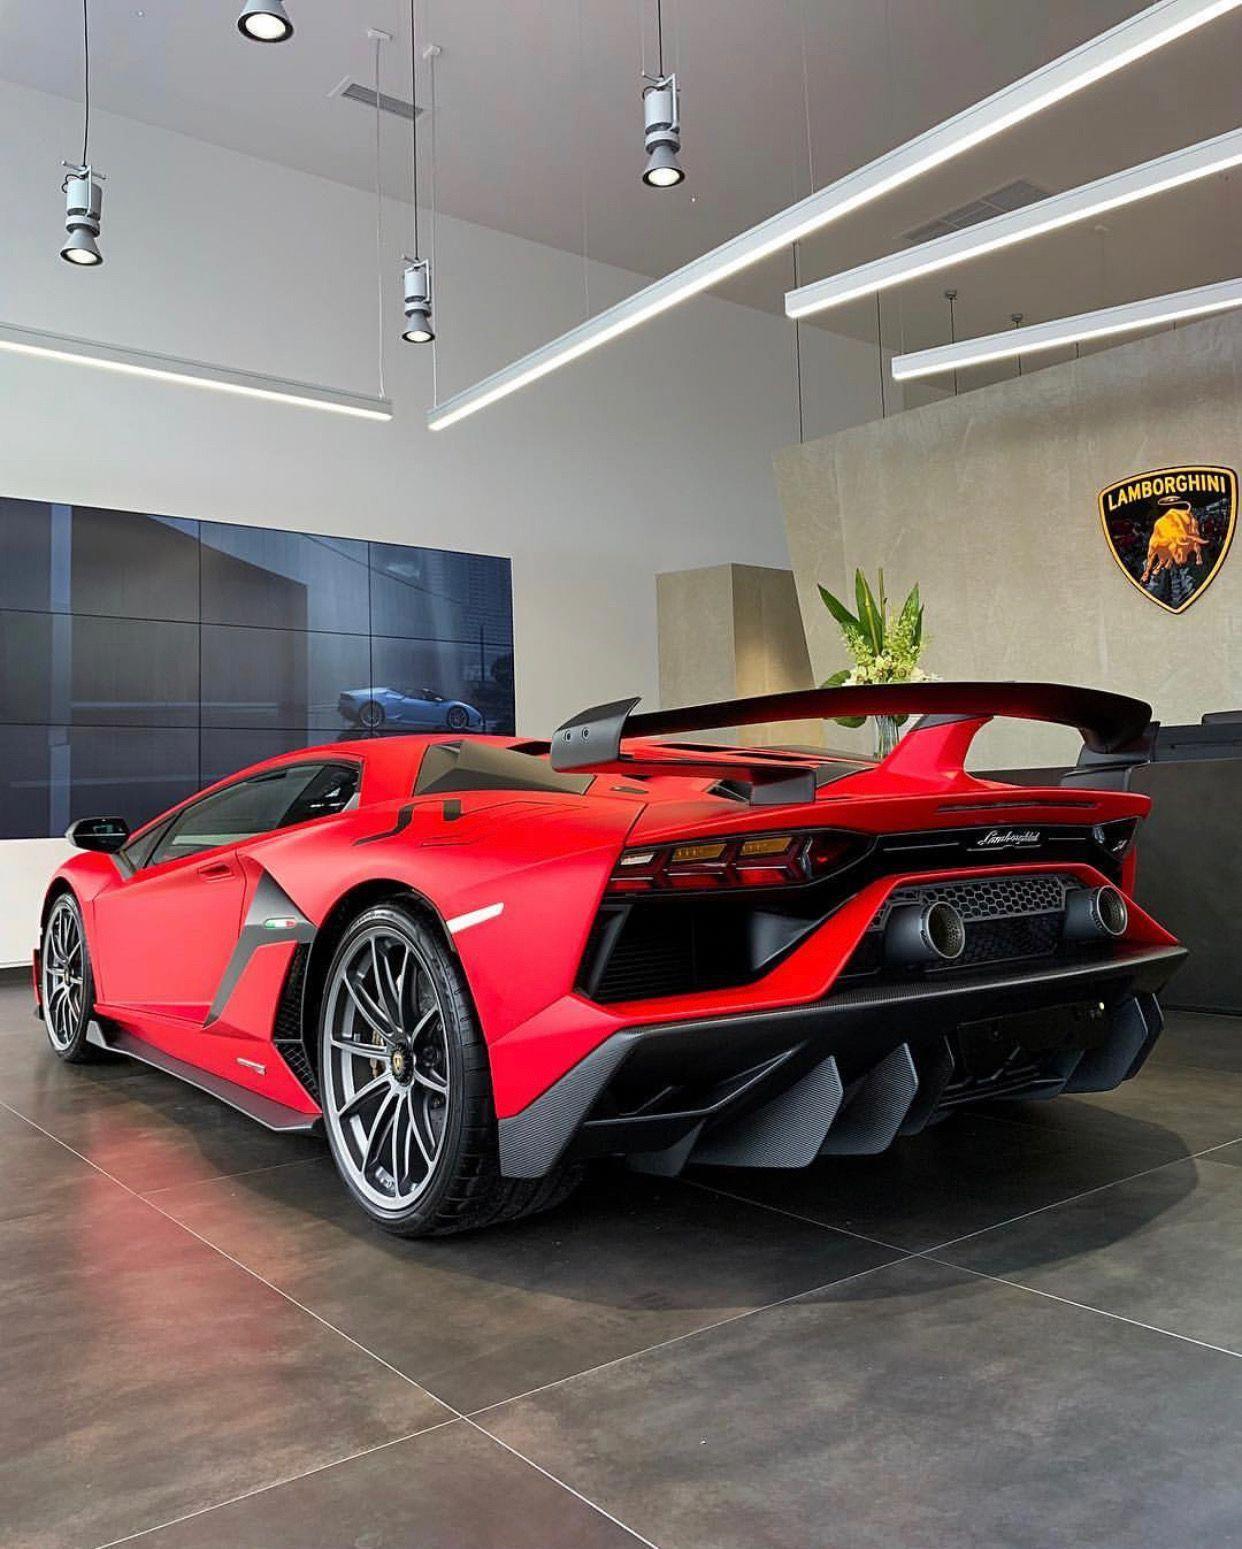 Lamborghini Aventador Super Veloce Jota Painted In Ad Personam